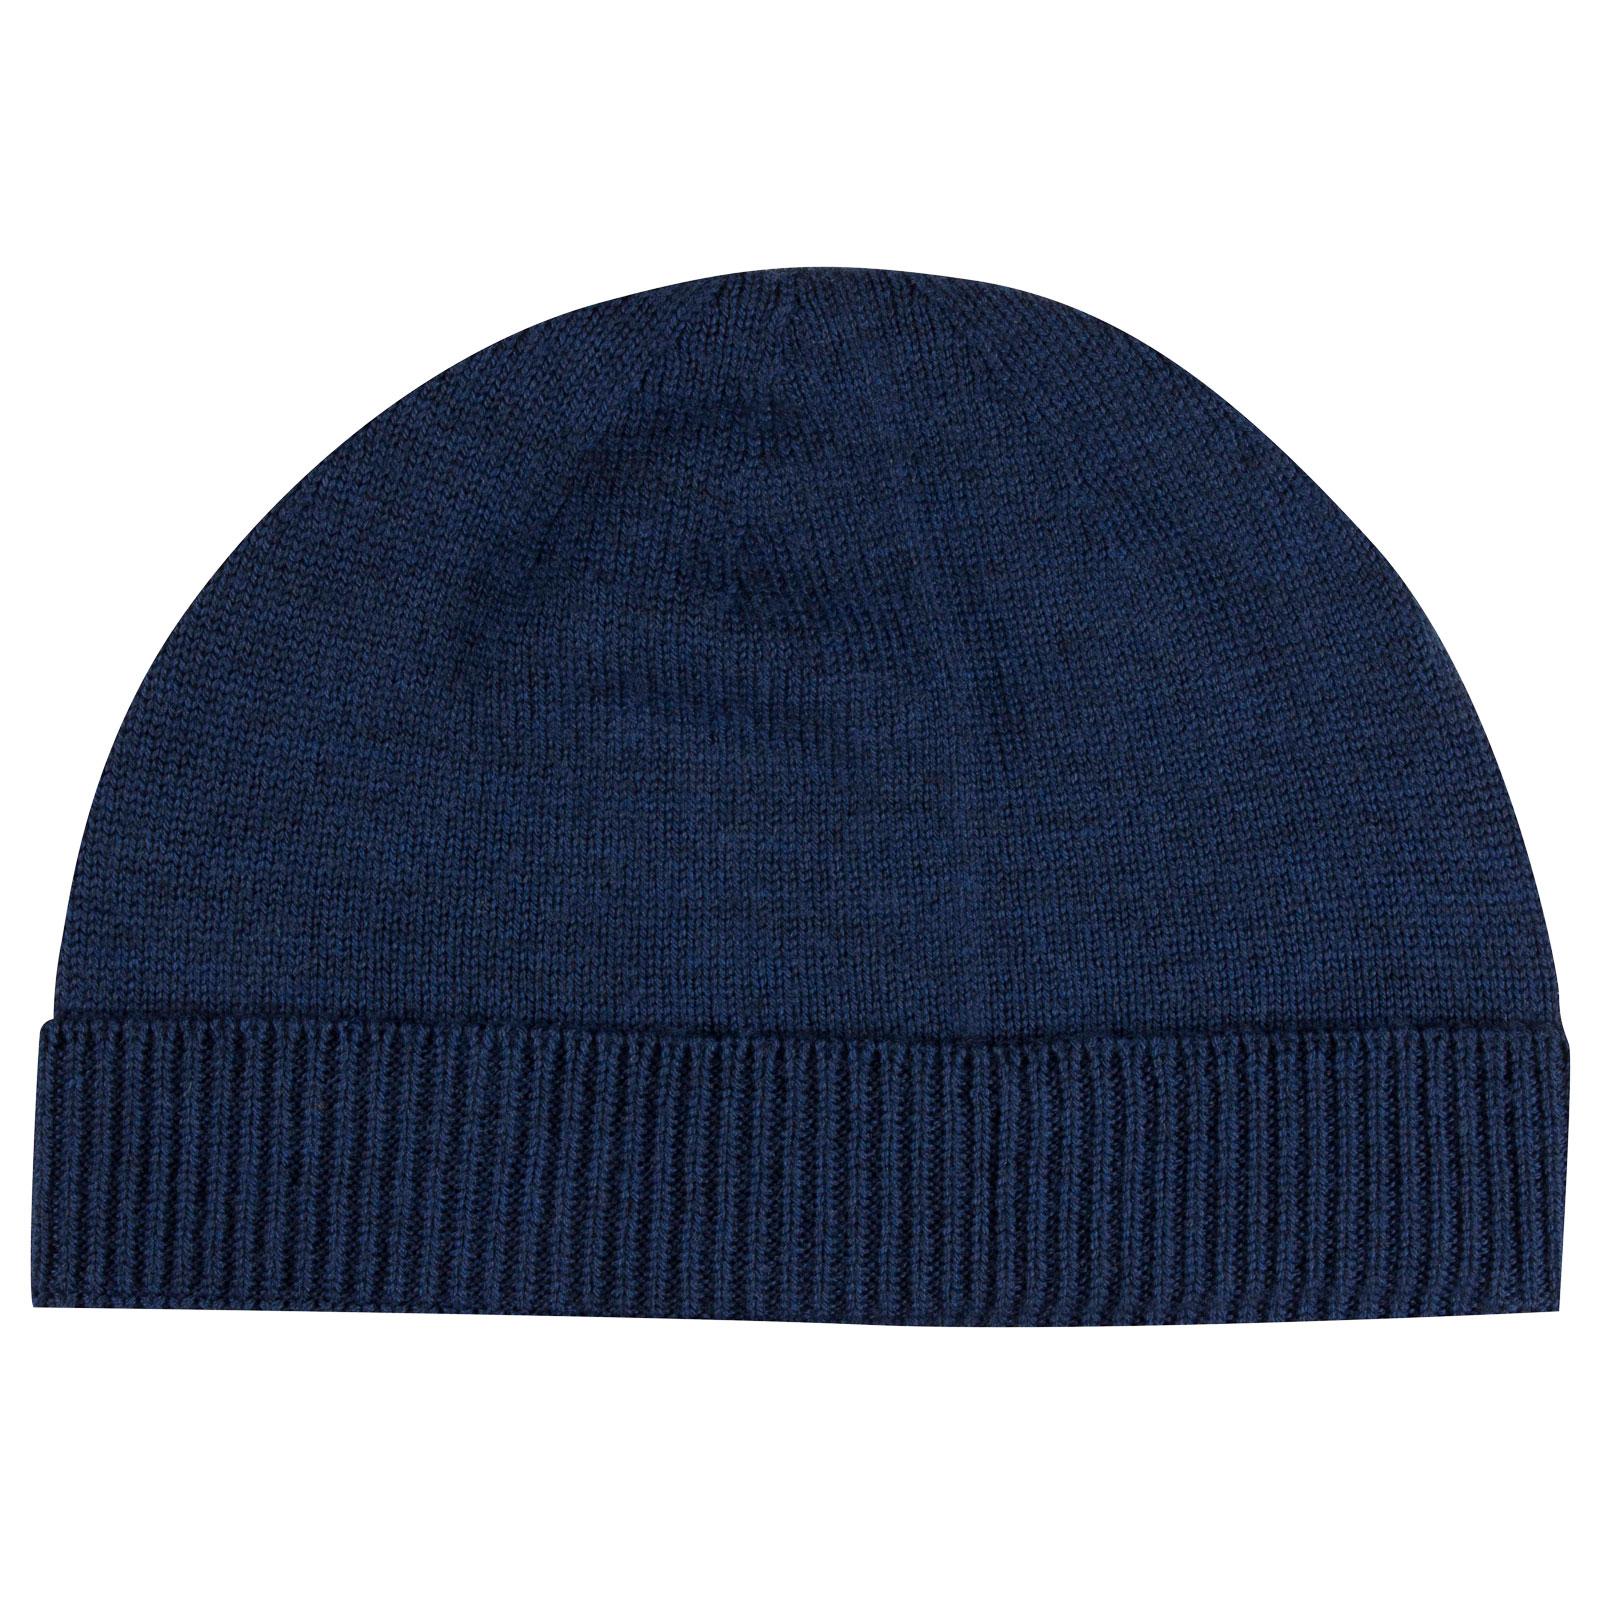 John Smedley Taurus Merino Wool Hat in Indigo-ONE